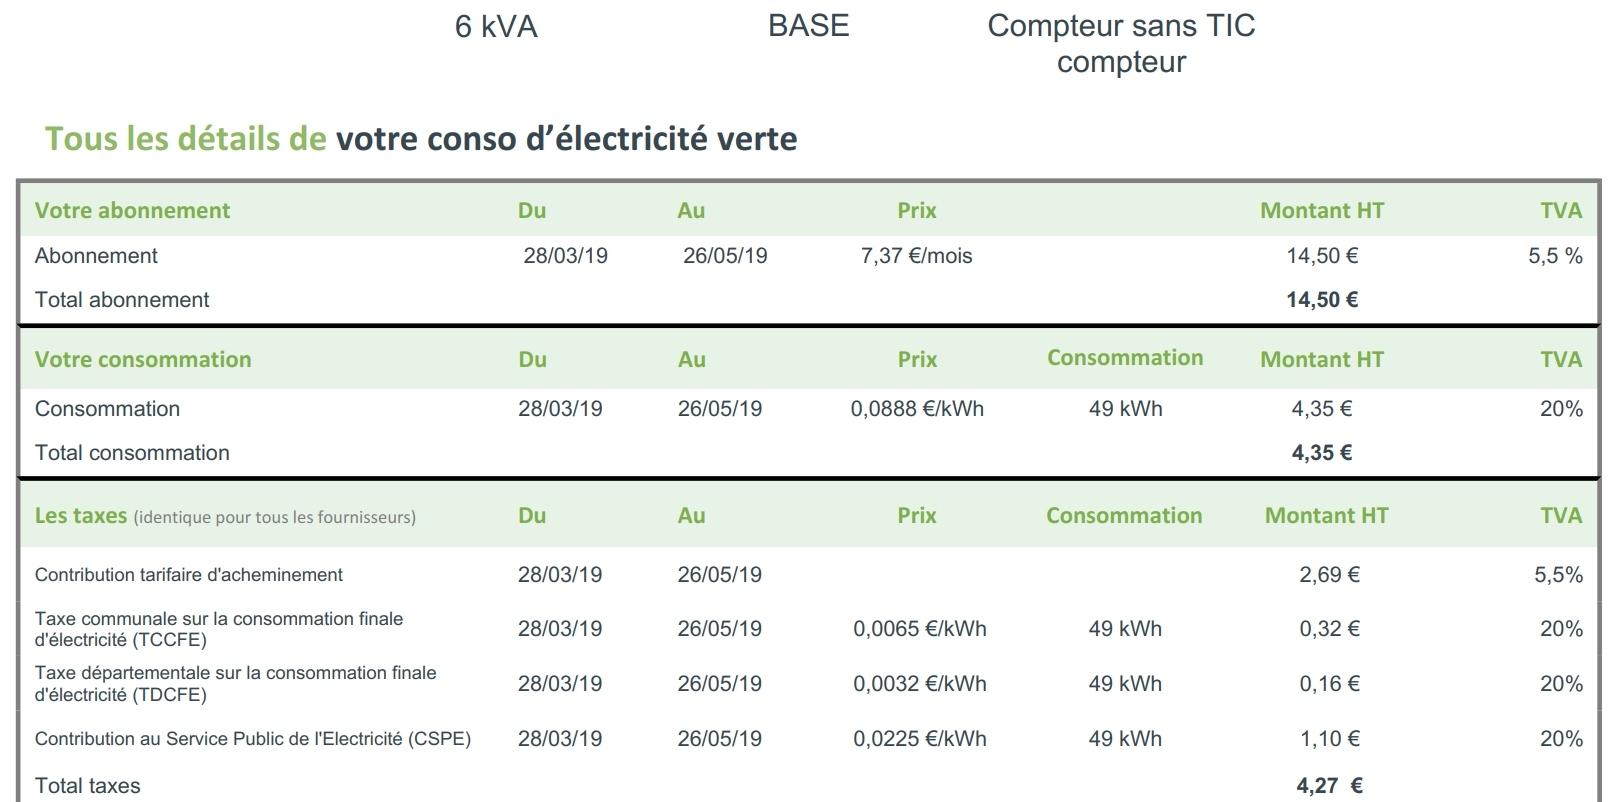 CPL : Nouveau Compteur EDF / ERDF Linky et perturbations CPL ? Réponse de EDF Conso-linky-augmentation-3